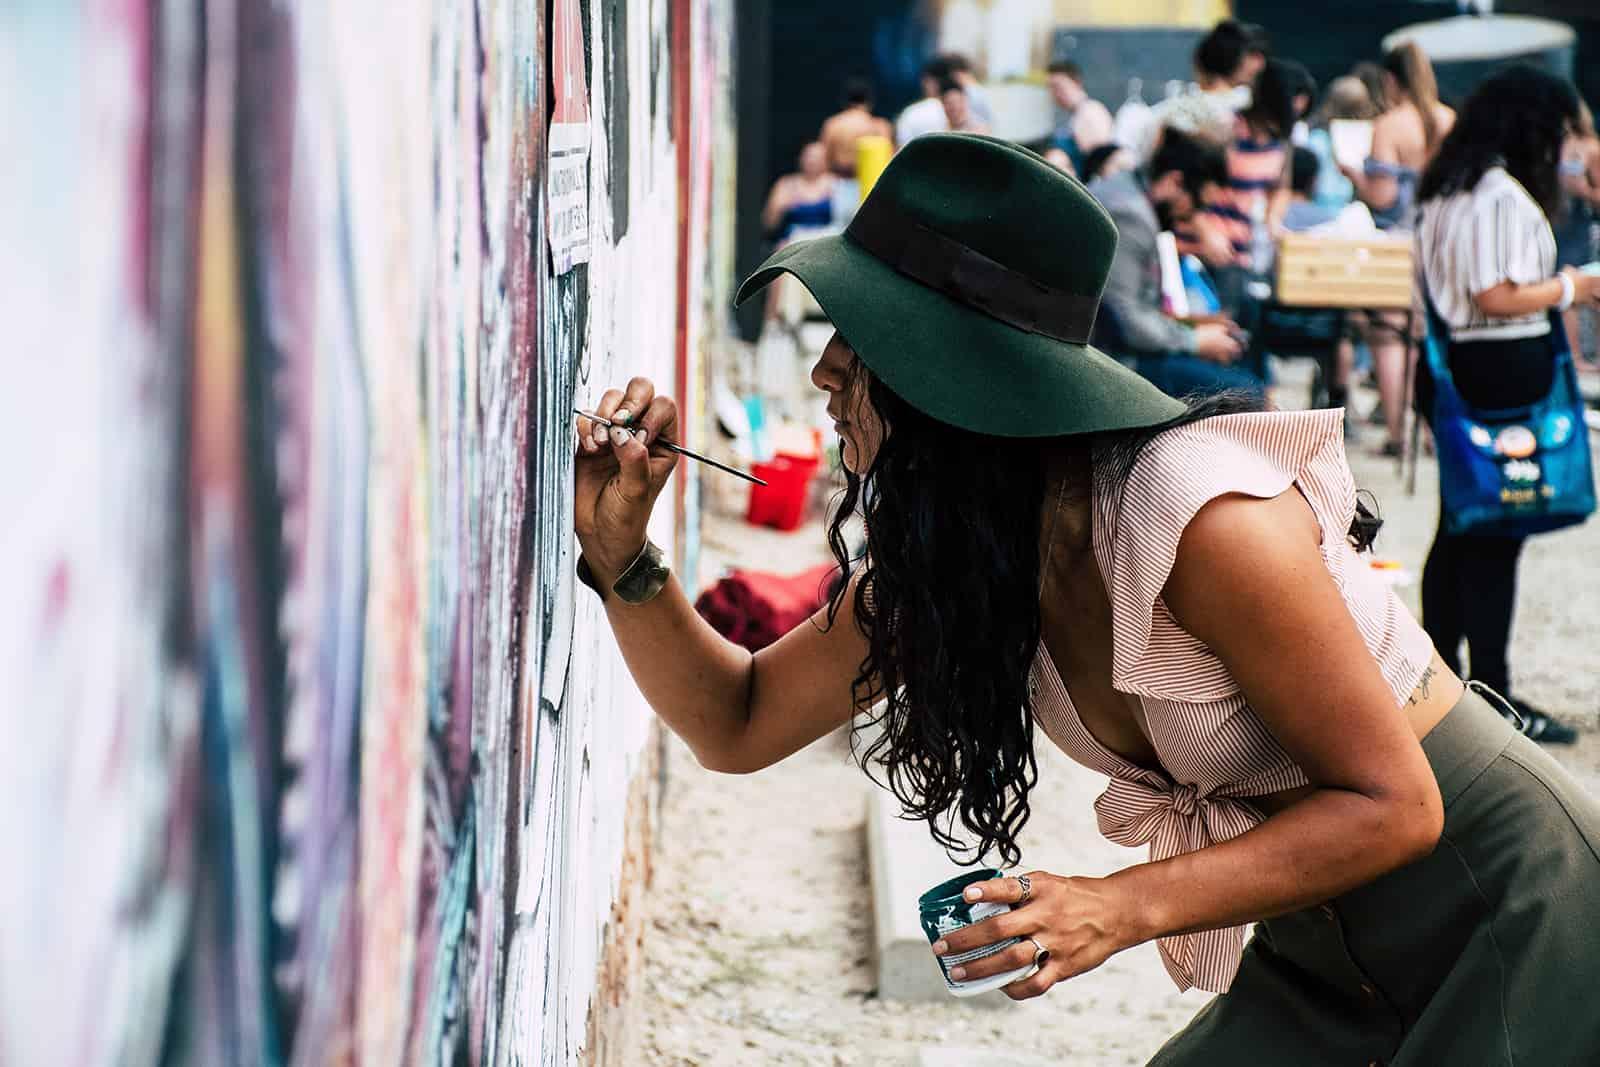 eine Frau, die mit einem Pinsel an die Wand malt